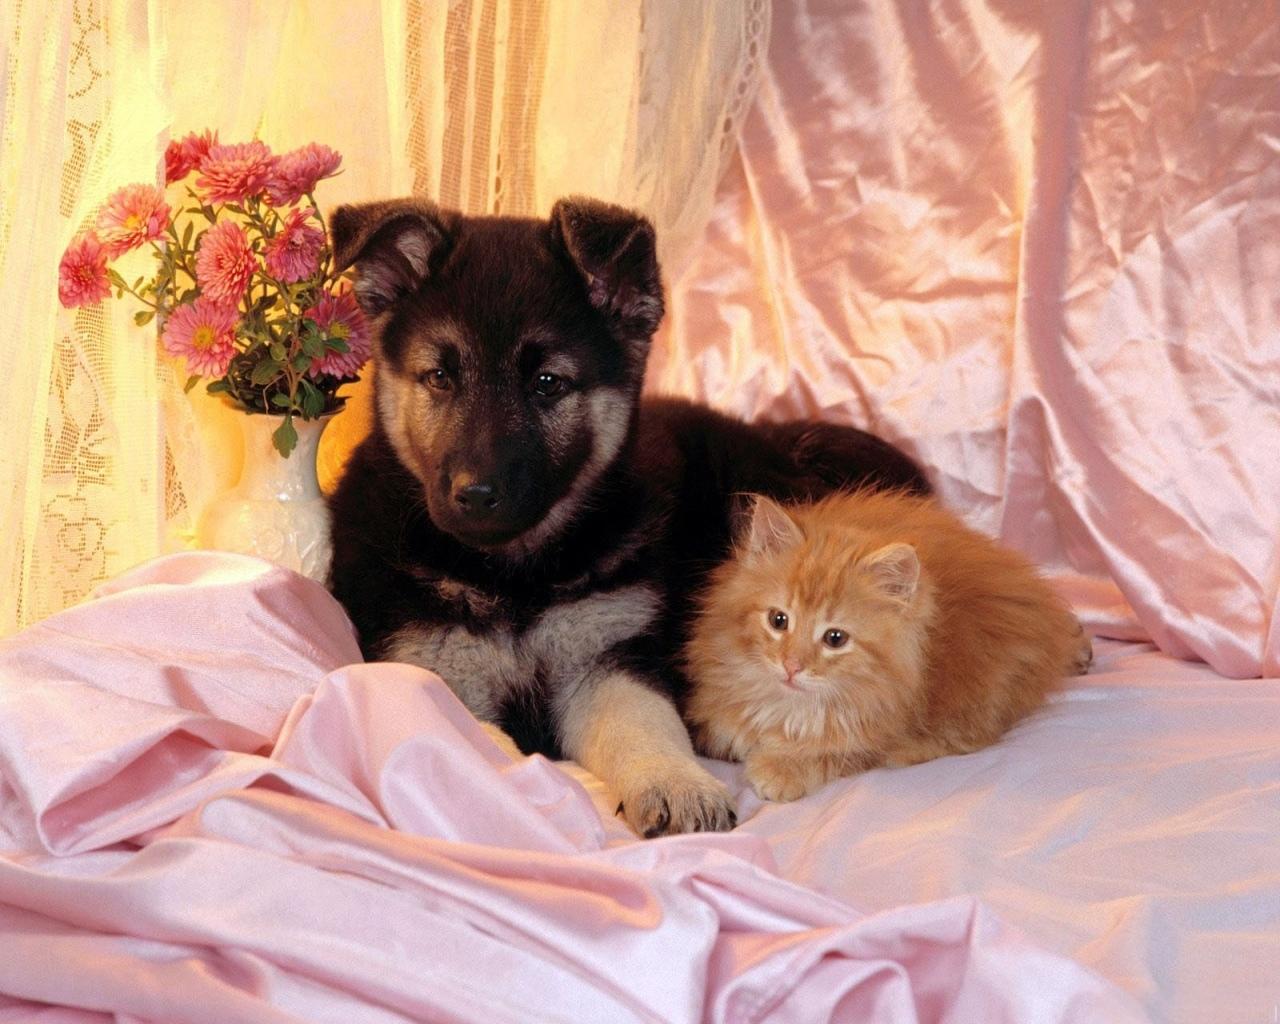 9358 скачать обои Собаки, Кошки (Коты, Котики), Животные - заставки и картинки бесплатно